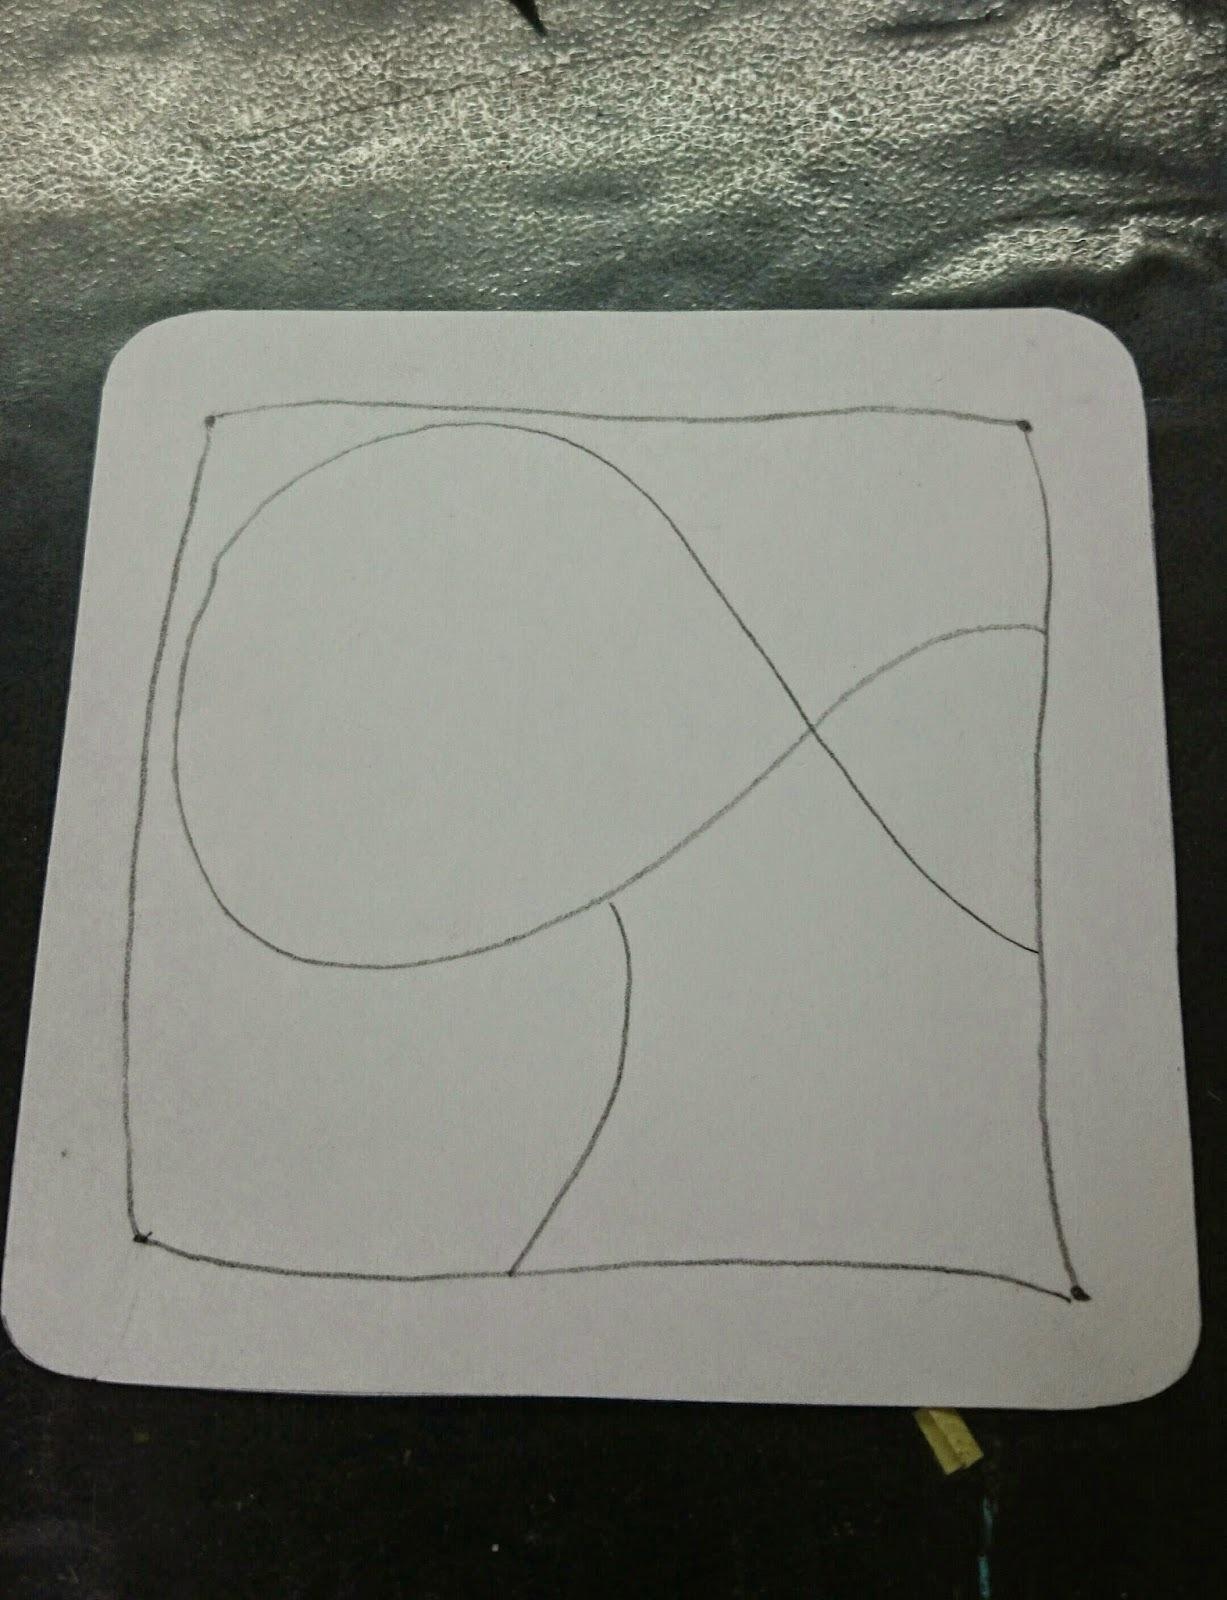 Дальше необходимо будет карандашом нарисовать кривую линию, которая разделит участок листа внутри границы, она же и решит сколько видов узора и танглов вы сможете нарисовать внутри